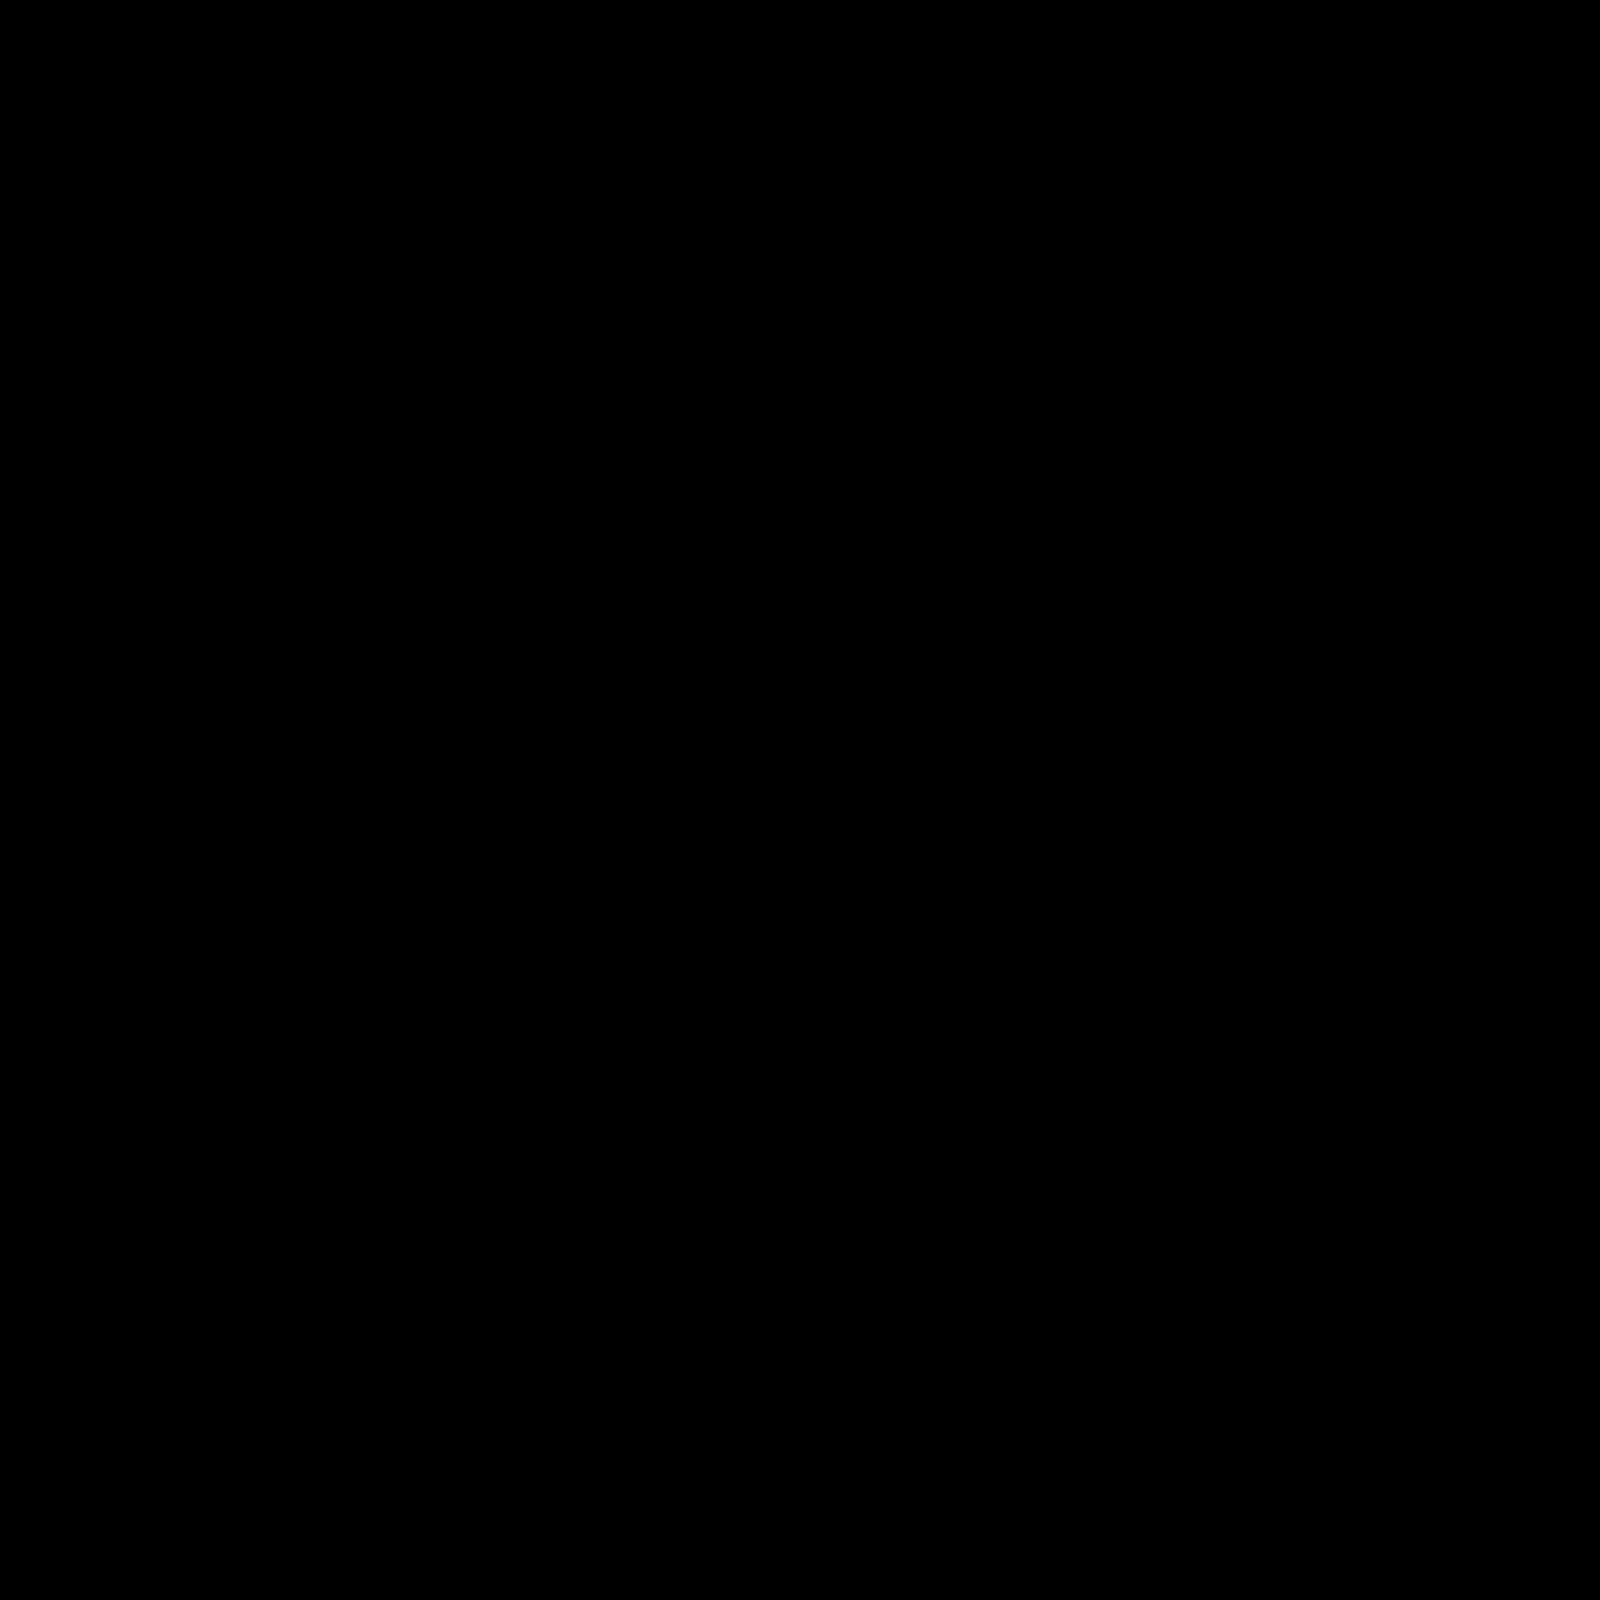 电池充电 icon. This is a reduced icon showing the rectangular outline of a battery with the bump of the battery pointing from right to left. This icon contains a lightening symbol in black inside the image.